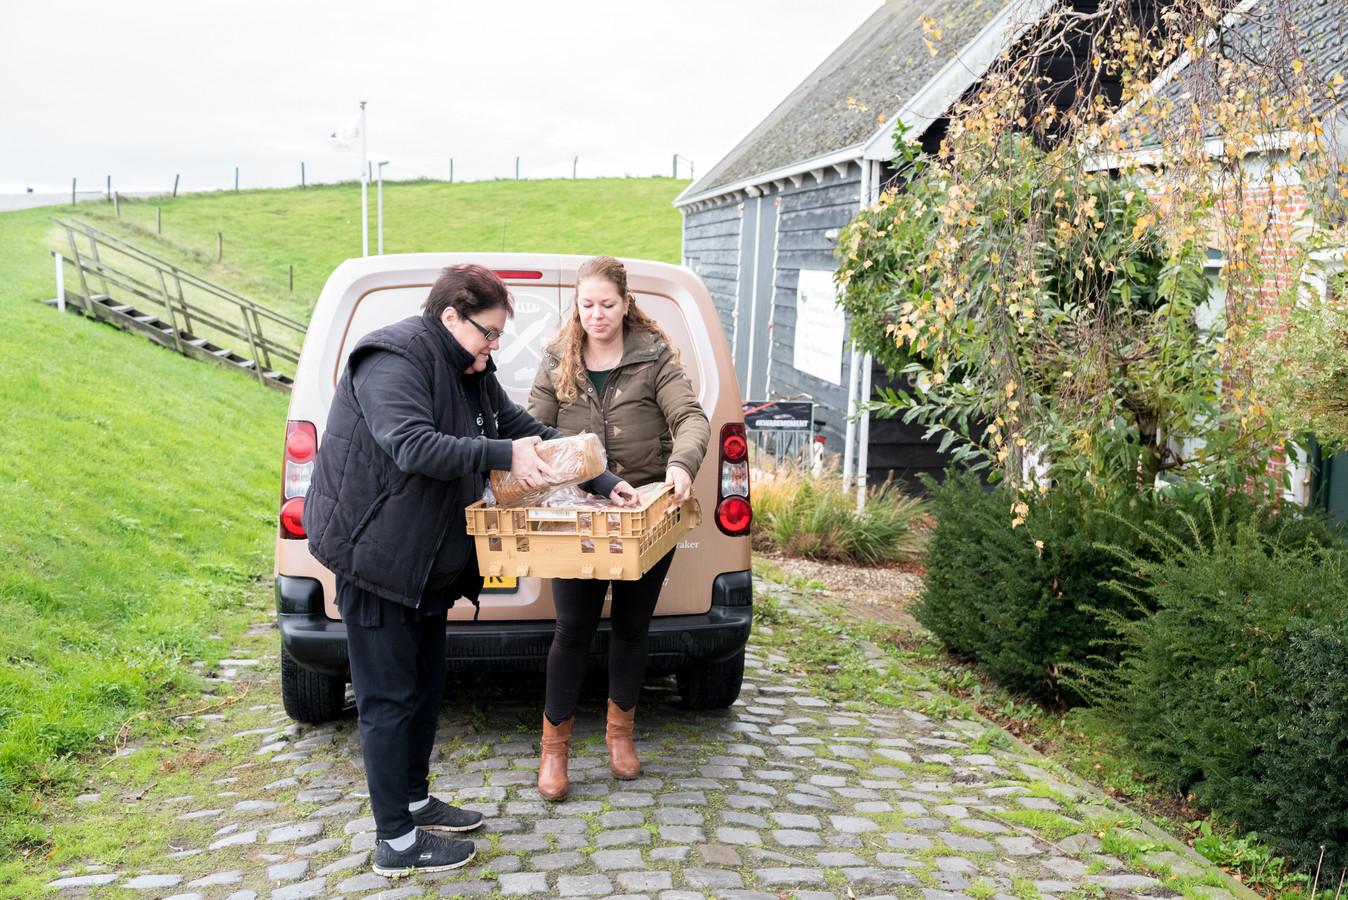 Esther Remeeus levert de eerste vracht bestellingen af bij Sandra de Jonge (links) van 't Spulletje. Het fietscafé is samen met bakkerij De Smaakkraker uit Rilland een afhaalpunt op Waarde begonnen.